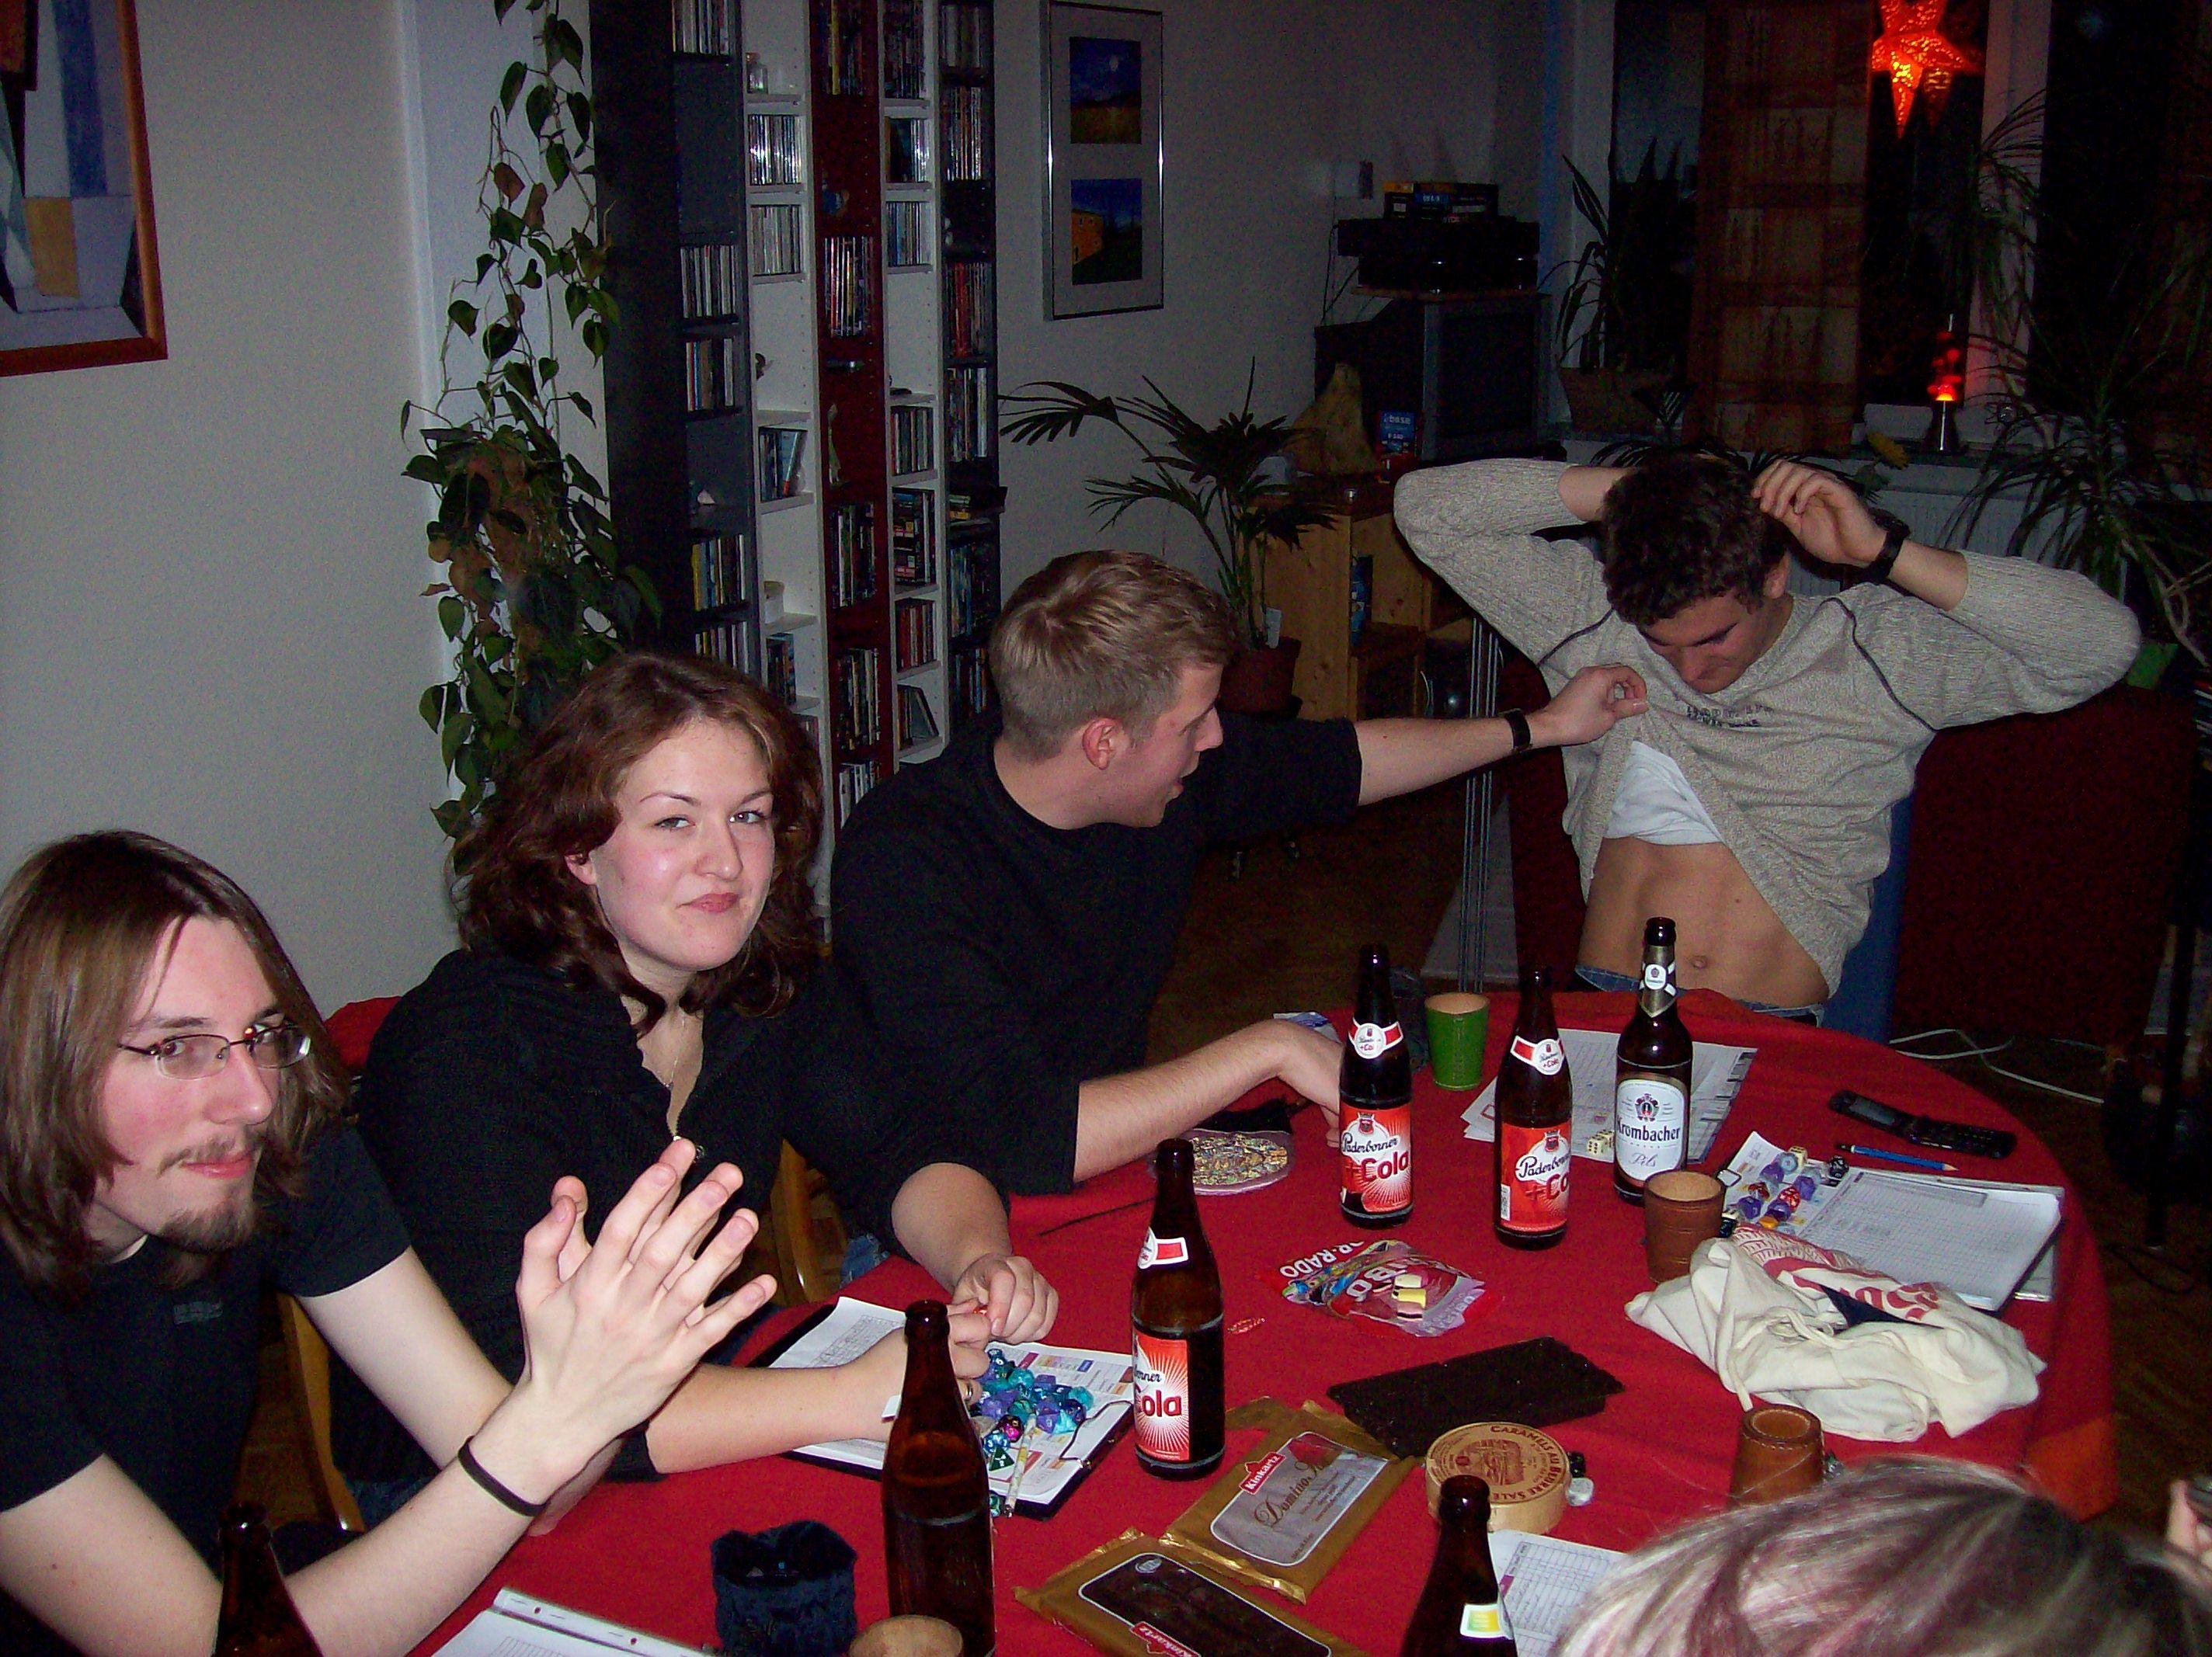 http://www.earthdawn-wiki.de/files/rpwe2/100_0769.jpg